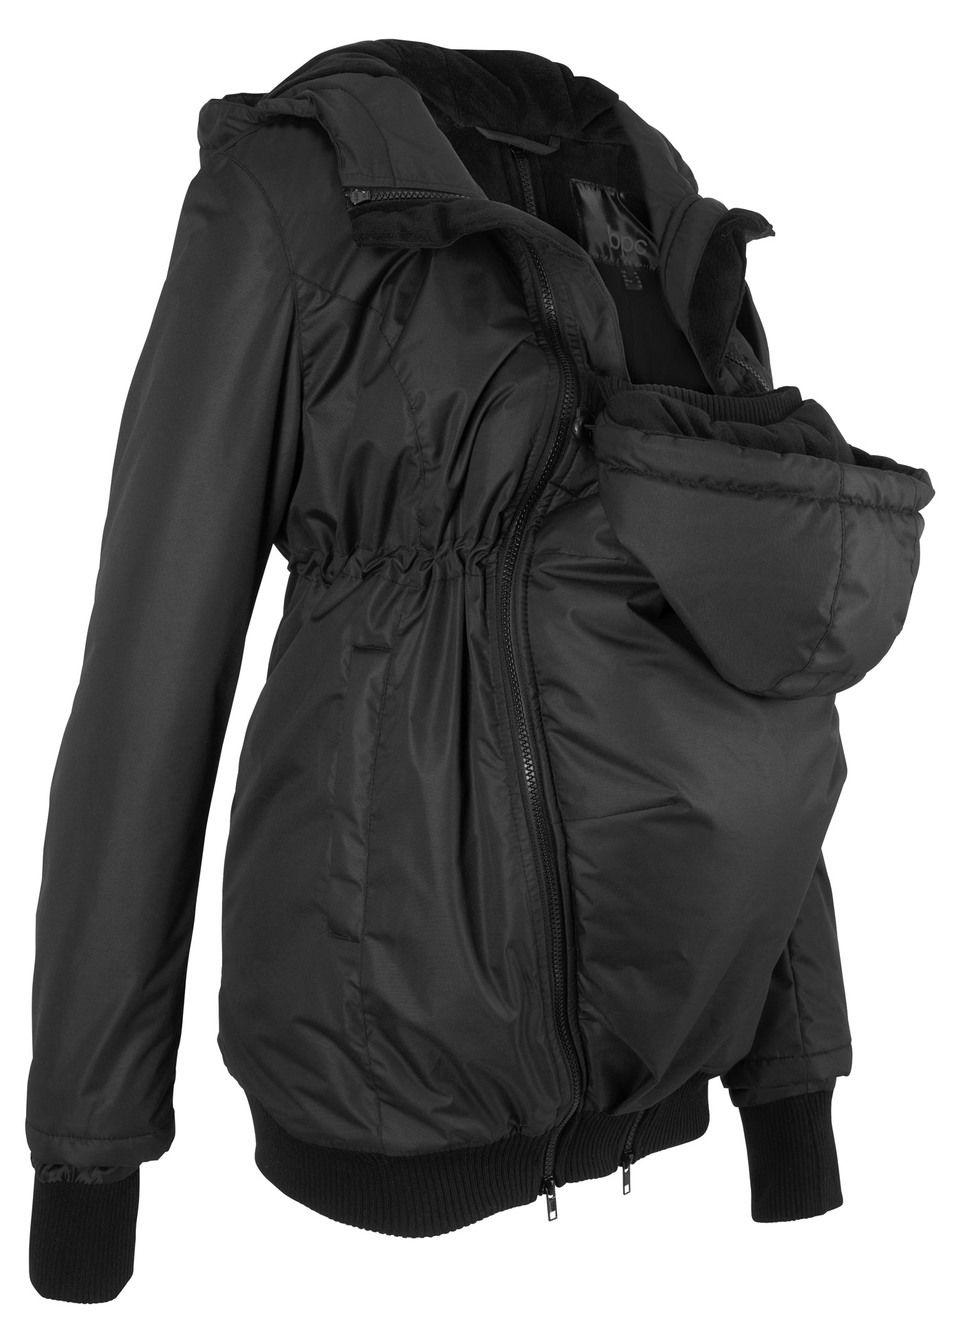 b36953e047 Bonprix Kismama téli kabát bélelt baba betéttel - Glami.hu